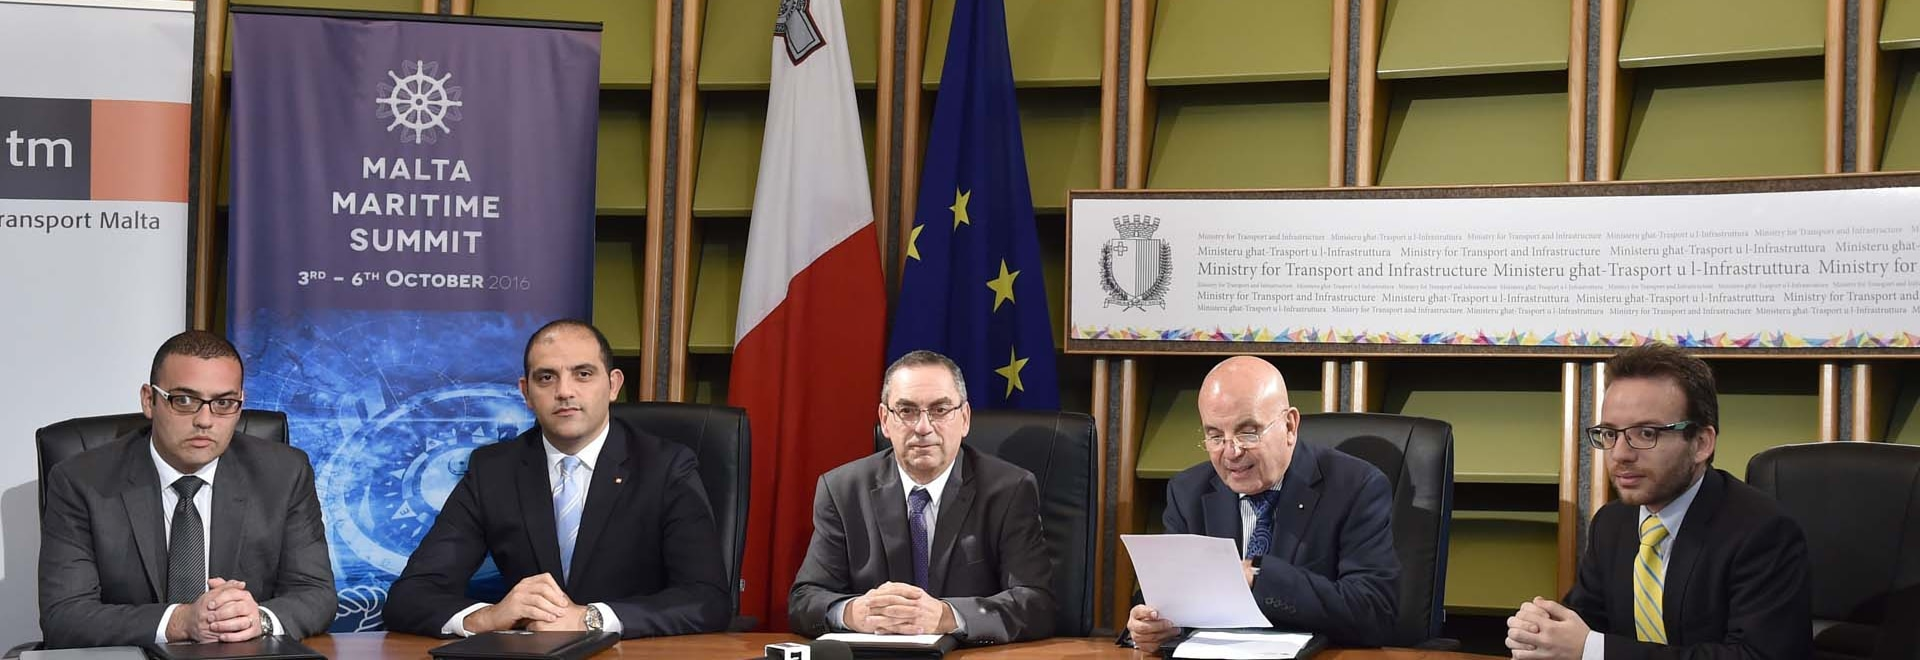 Il ministro per trasporto, il Hon. Joe Mizzi, discute i programmi per lanciare la sommità marittima mai visto di Malta